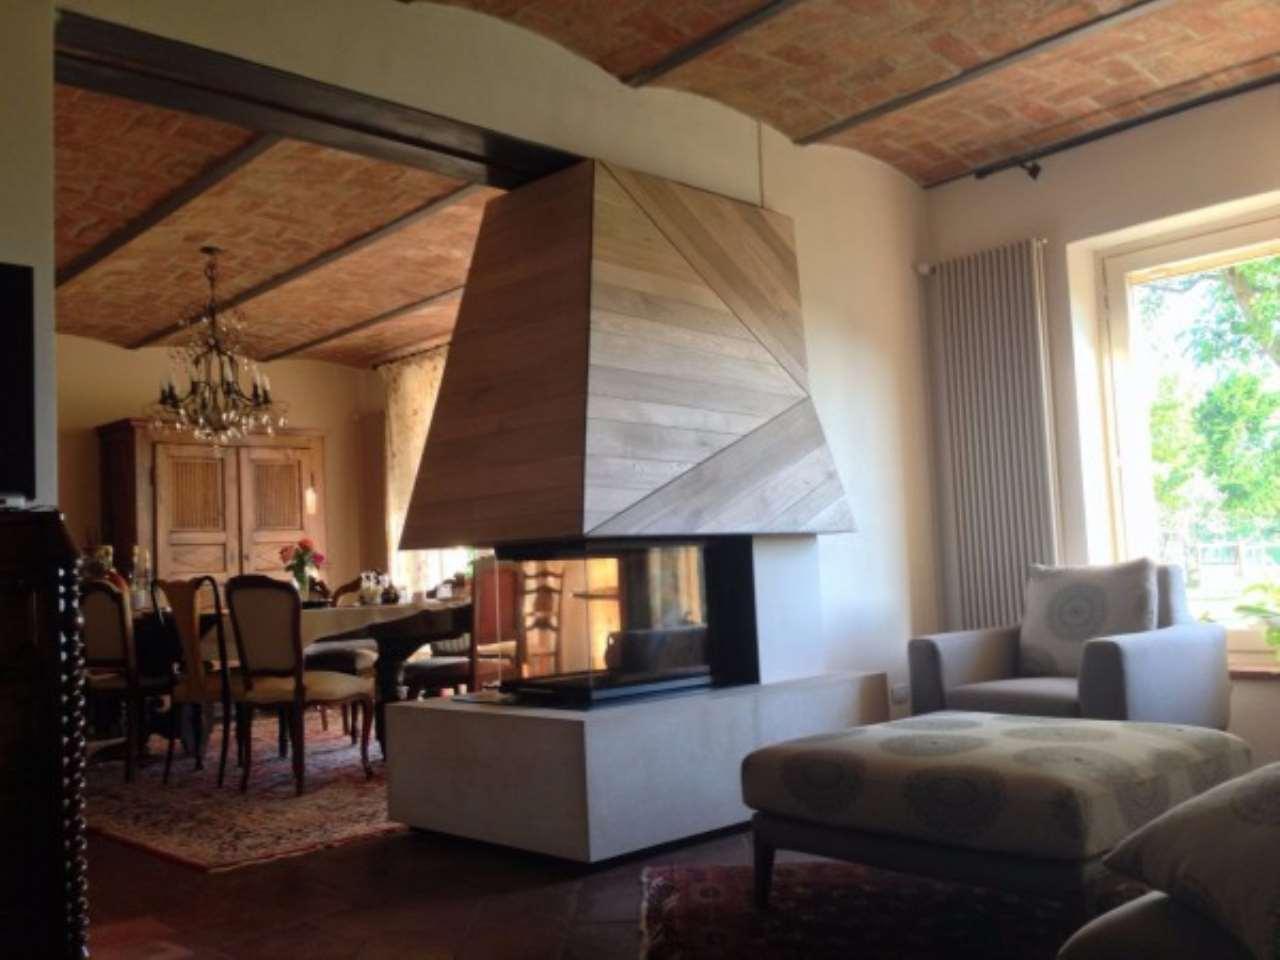 Rustico / Casale in vendita a La Morra, 6 locali, Trattative riservate | Cambio Casa.it